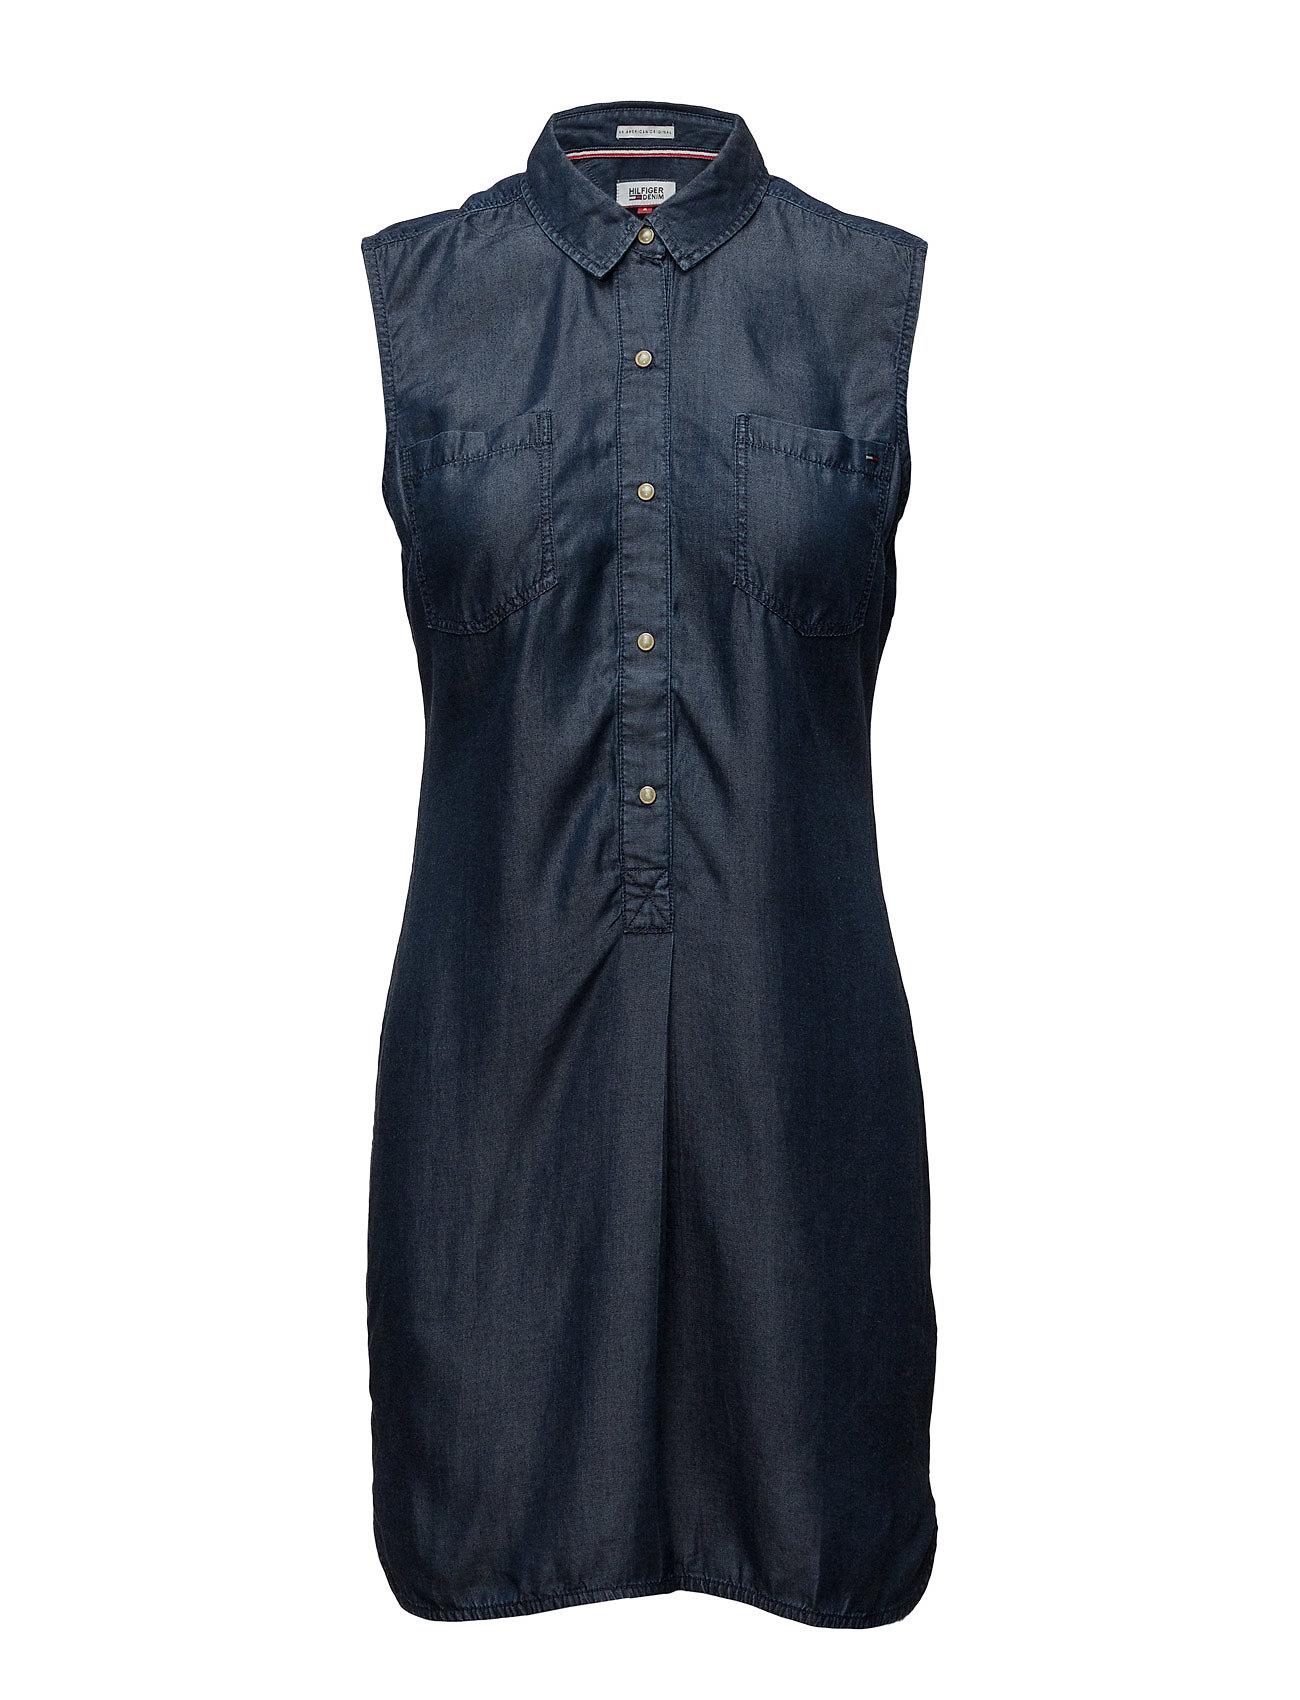 Thdw Tencel Dnm Shirt Dress S/L 23 Hilfiger Denim Korte kjoler til Damer i